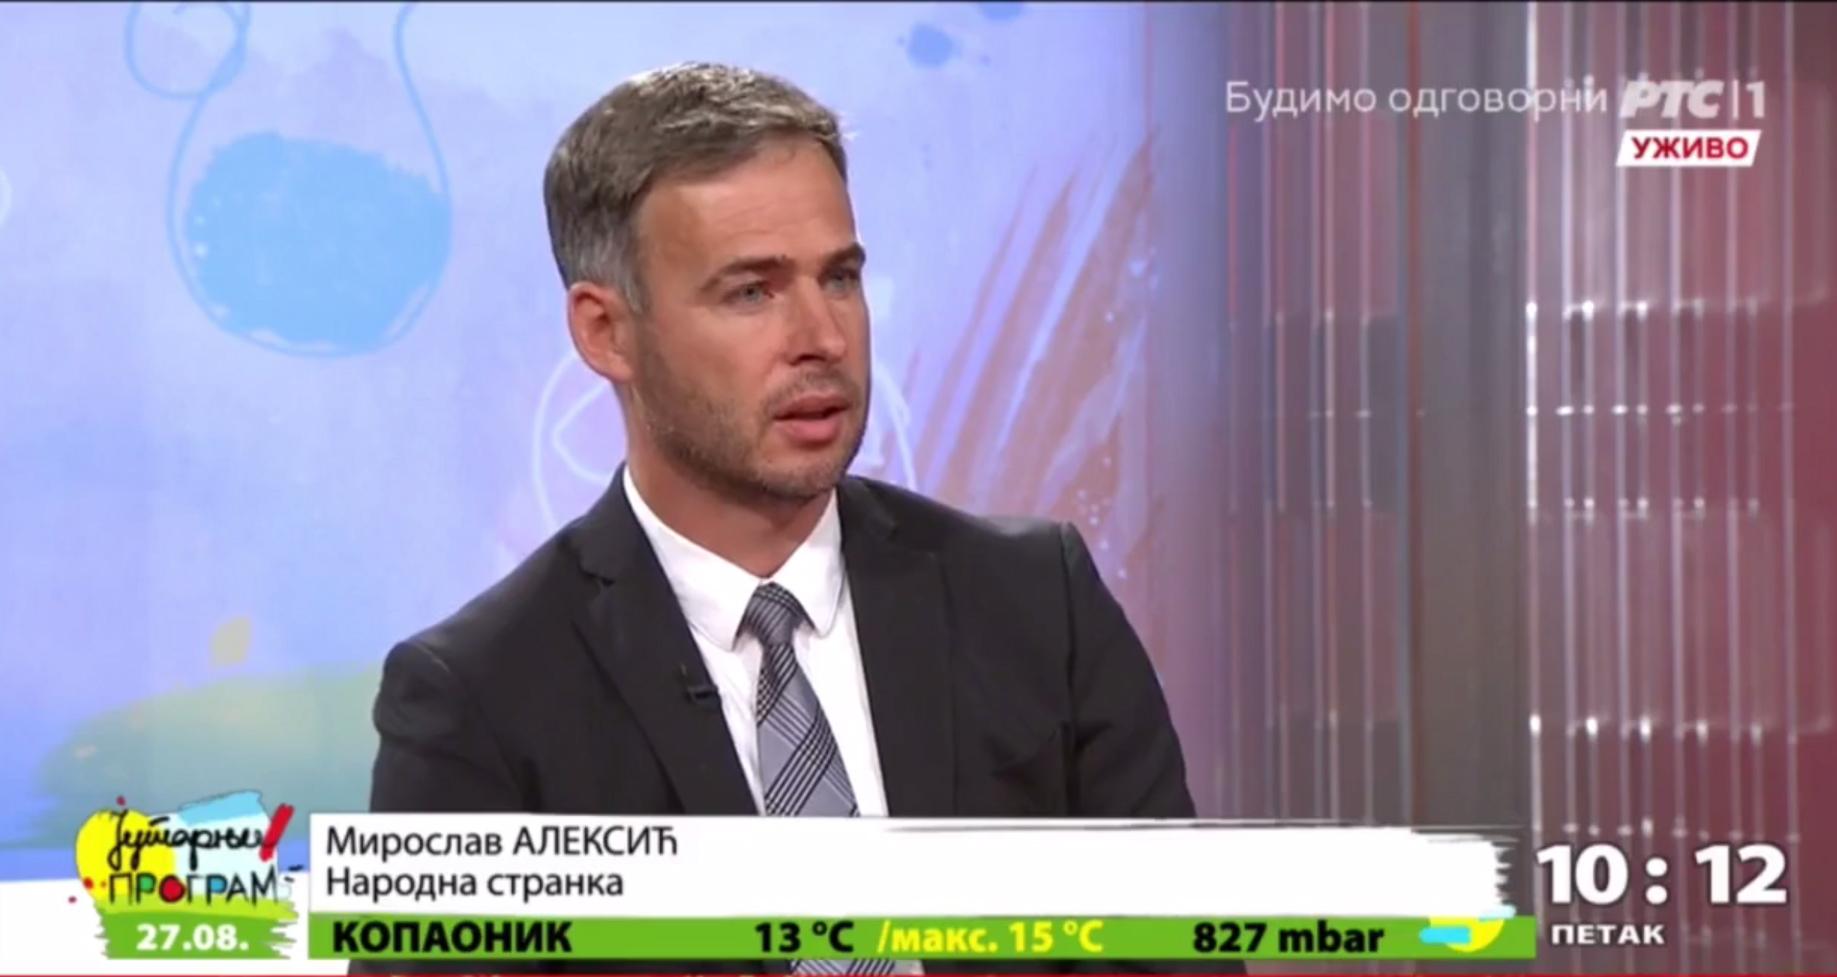 Алексић: Вучић увелико у кампањи, а још нису договорени изборни услови